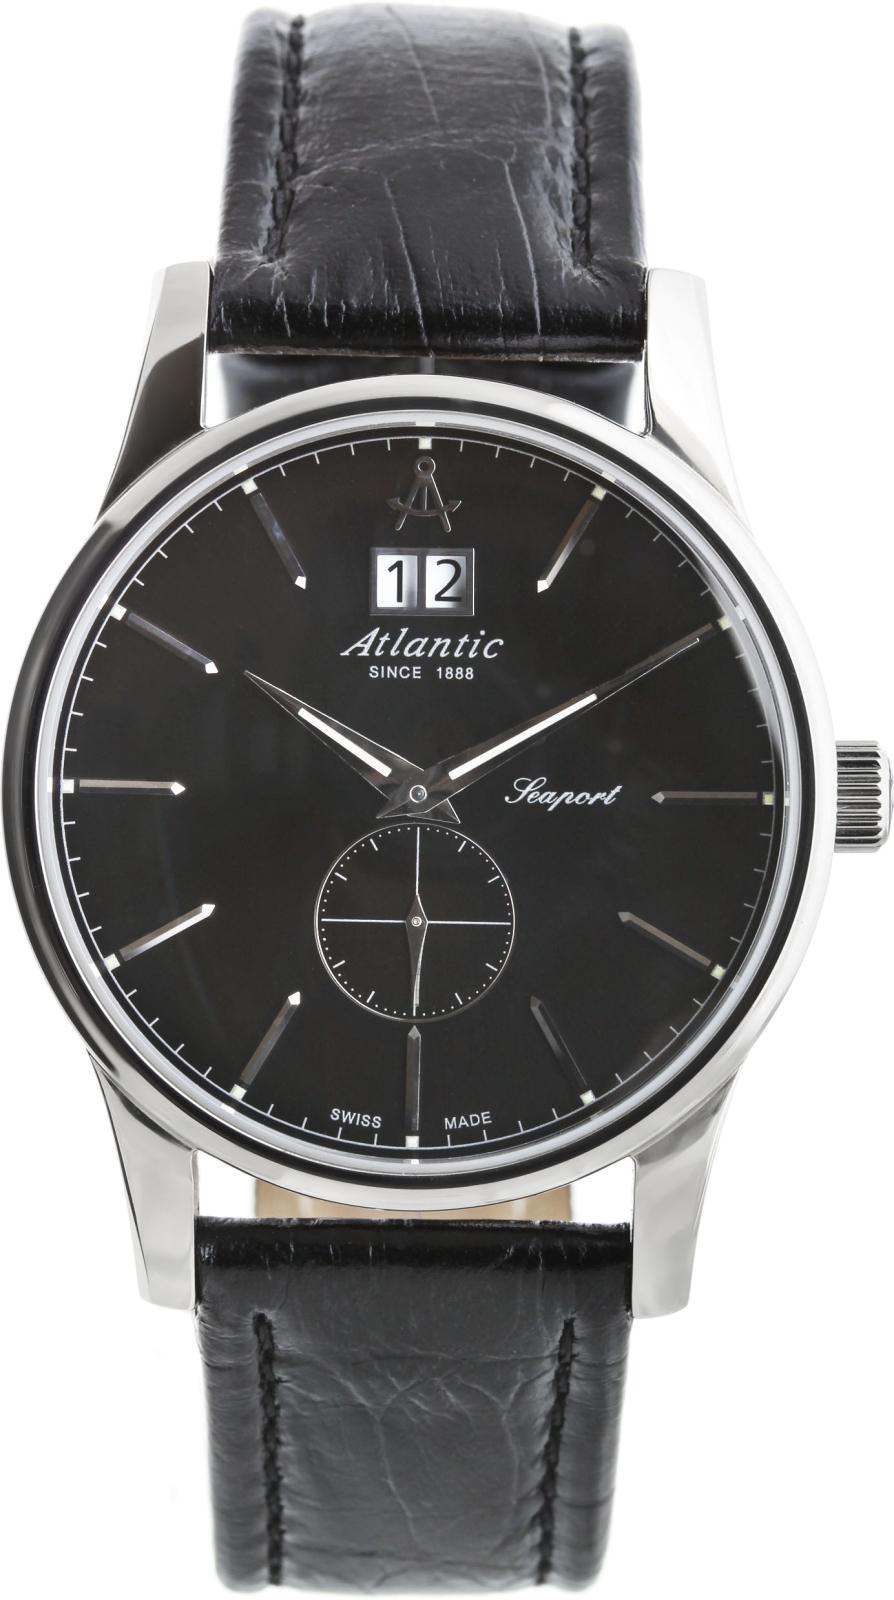 Atlantic Seaport 56350.41.61Наручные часы<br>Швейцарские часы Atlantic Seaport 56350.41.61Представленная модель входит в коллекцию Seaport. Это великолепные мужские часы. Материал корпуса часов &amp;mdash; сталь. Циферблат часов защищает сапфировое стекло. Водозащита этой модели 50 м. Цвет циферблата - черный. Циферблат содержит часы, минуты, секунды. В этих часах используются такие усложнения как дата, . Диаметр корпуса 39мм.<br><br>Пол: Мужские<br>Страна-производитель: None<br>Механизм: Кварцевый<br>Материал корпуса: Сталь<br>Материал ремня/браслета: Кожа<br>Водозащита, диапазон: None<br>Стекло: Сапфировое<br>Толщина корпуса: 12<br>Стиль: Классика